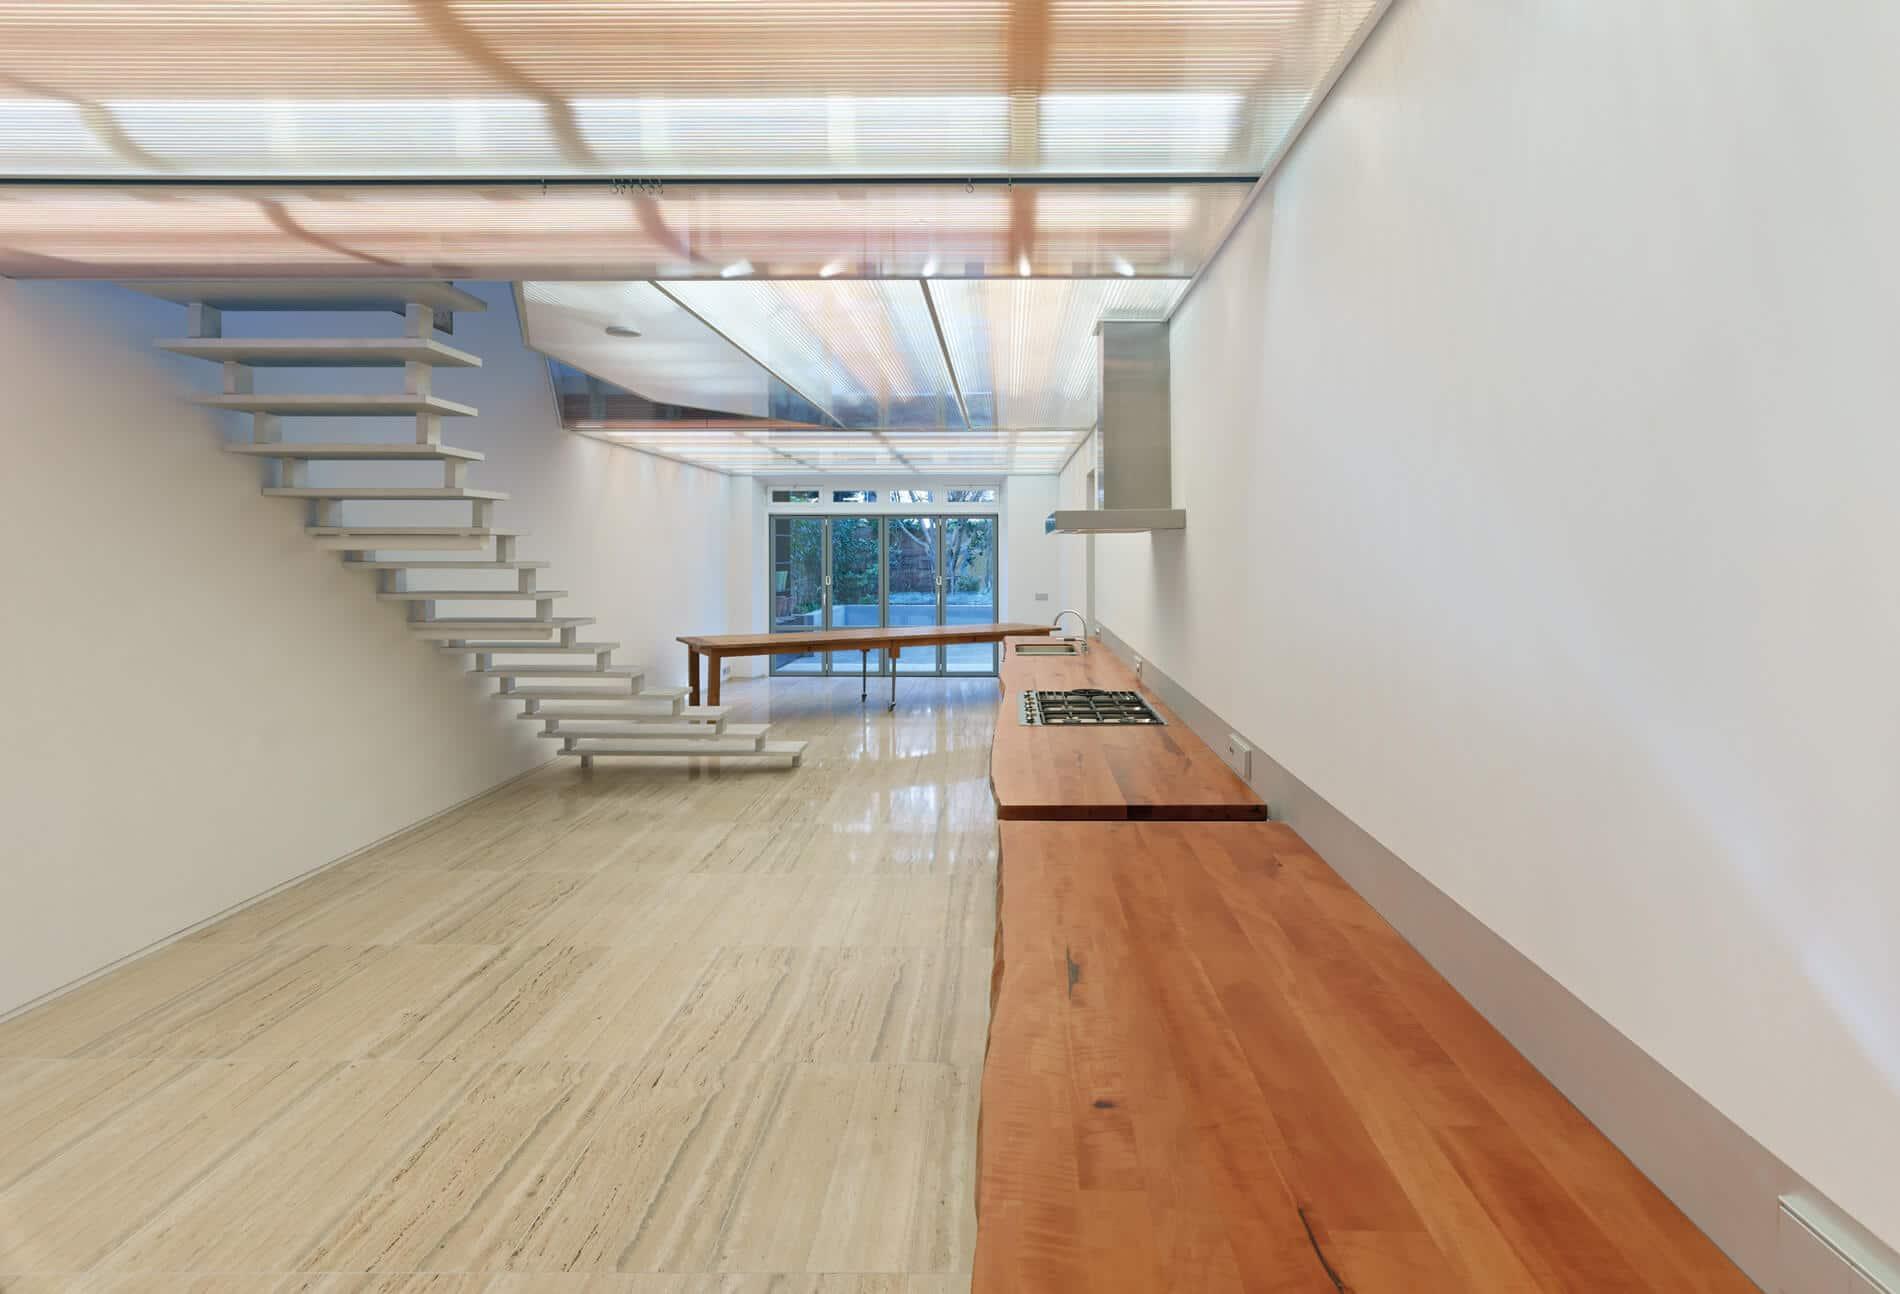 Falttüre Sunflex für modernes Gebäude